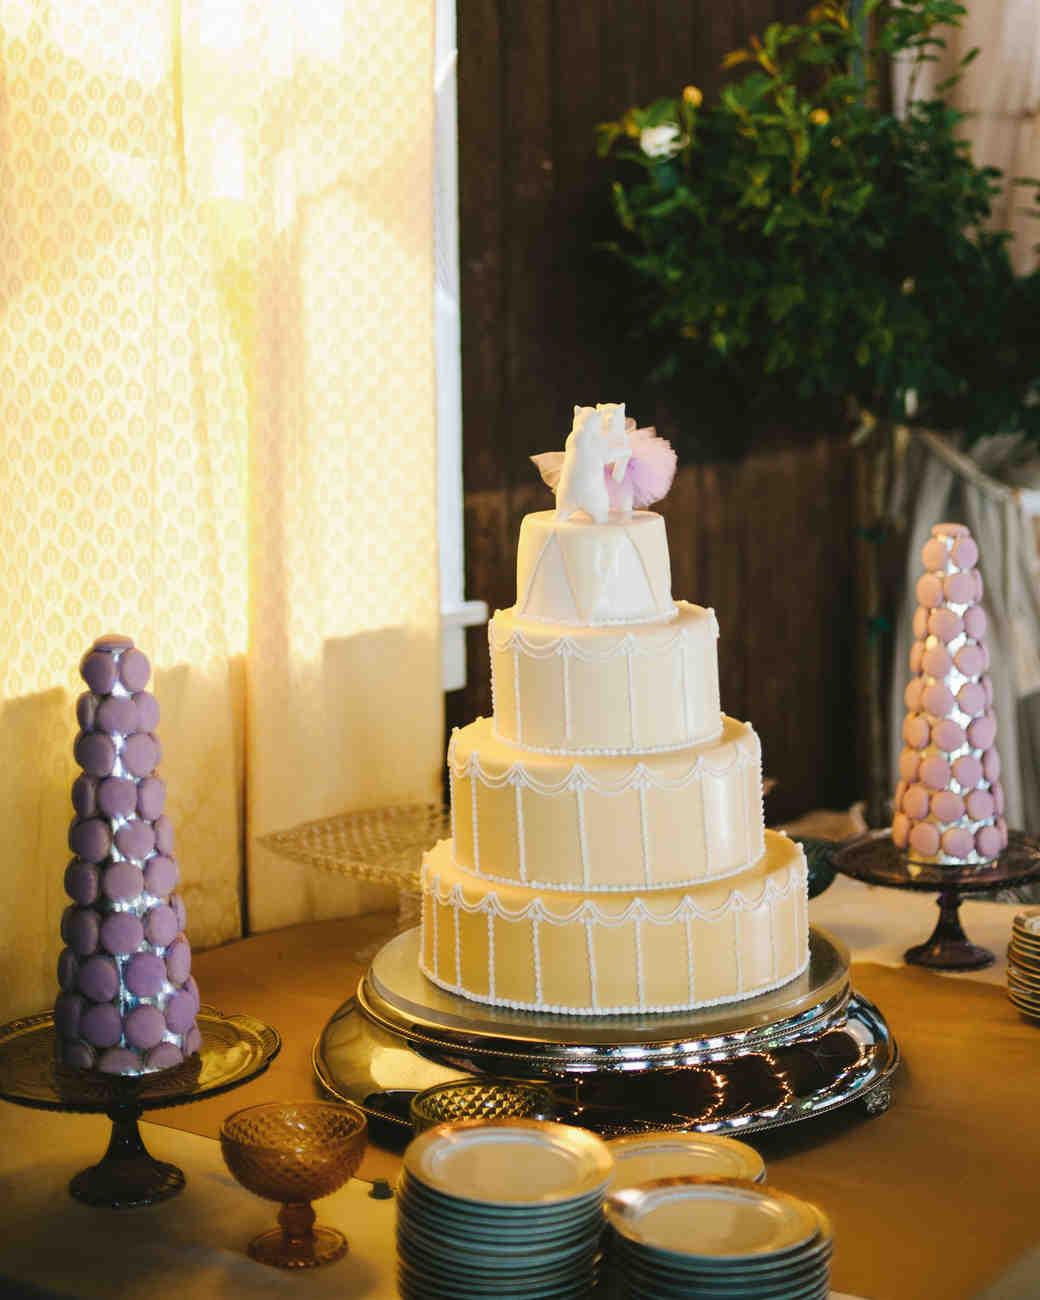 lauren-jack-wedding-cake-0314.jpg